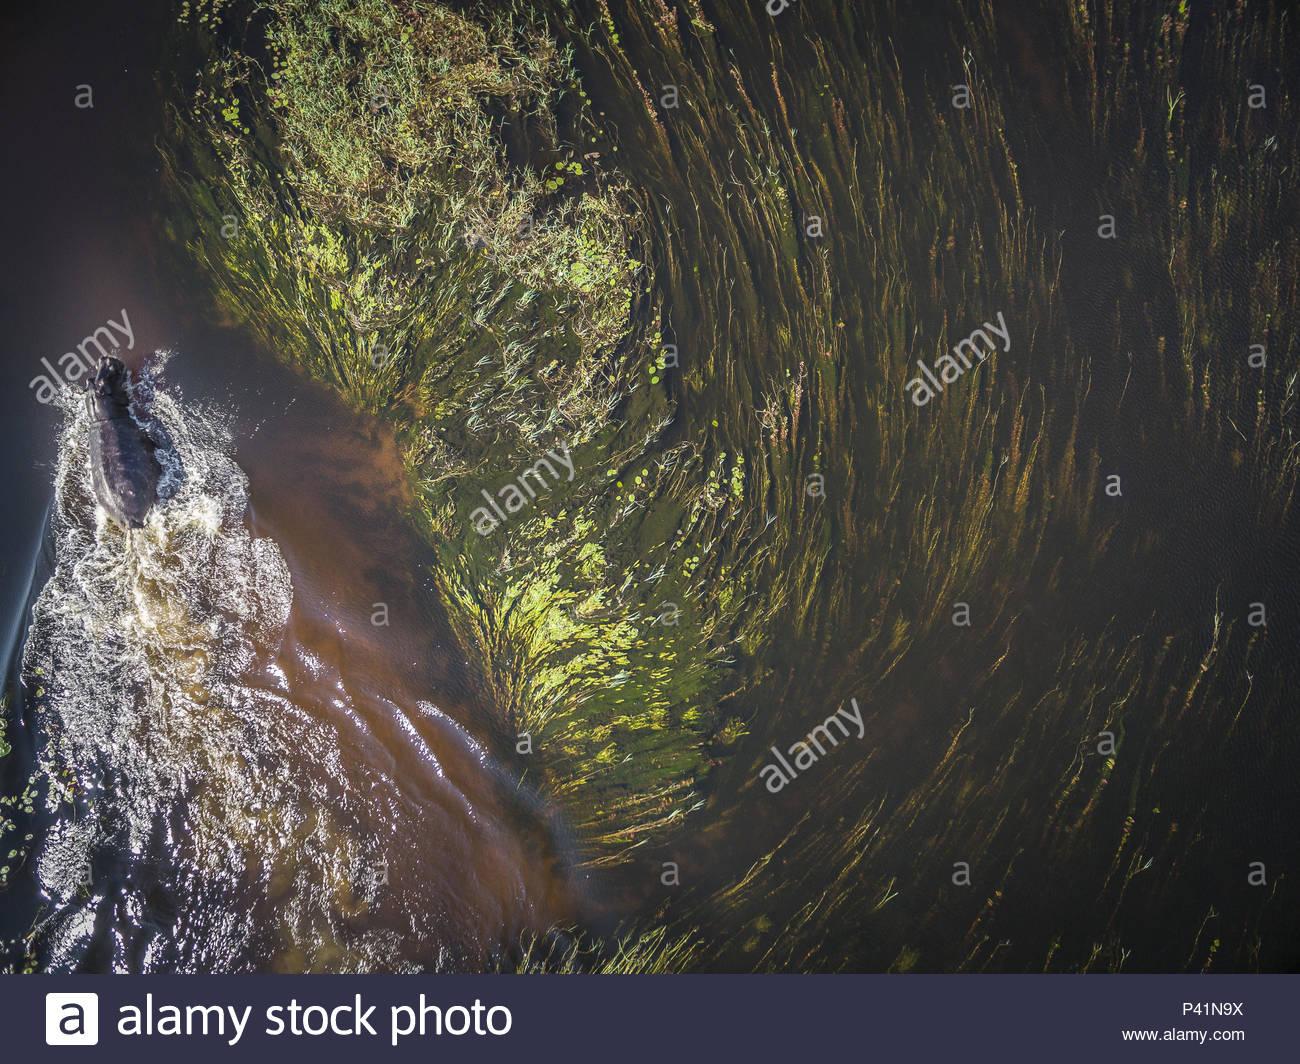 A hippopotamus in waters of the Okavango Delta. - Stock Image